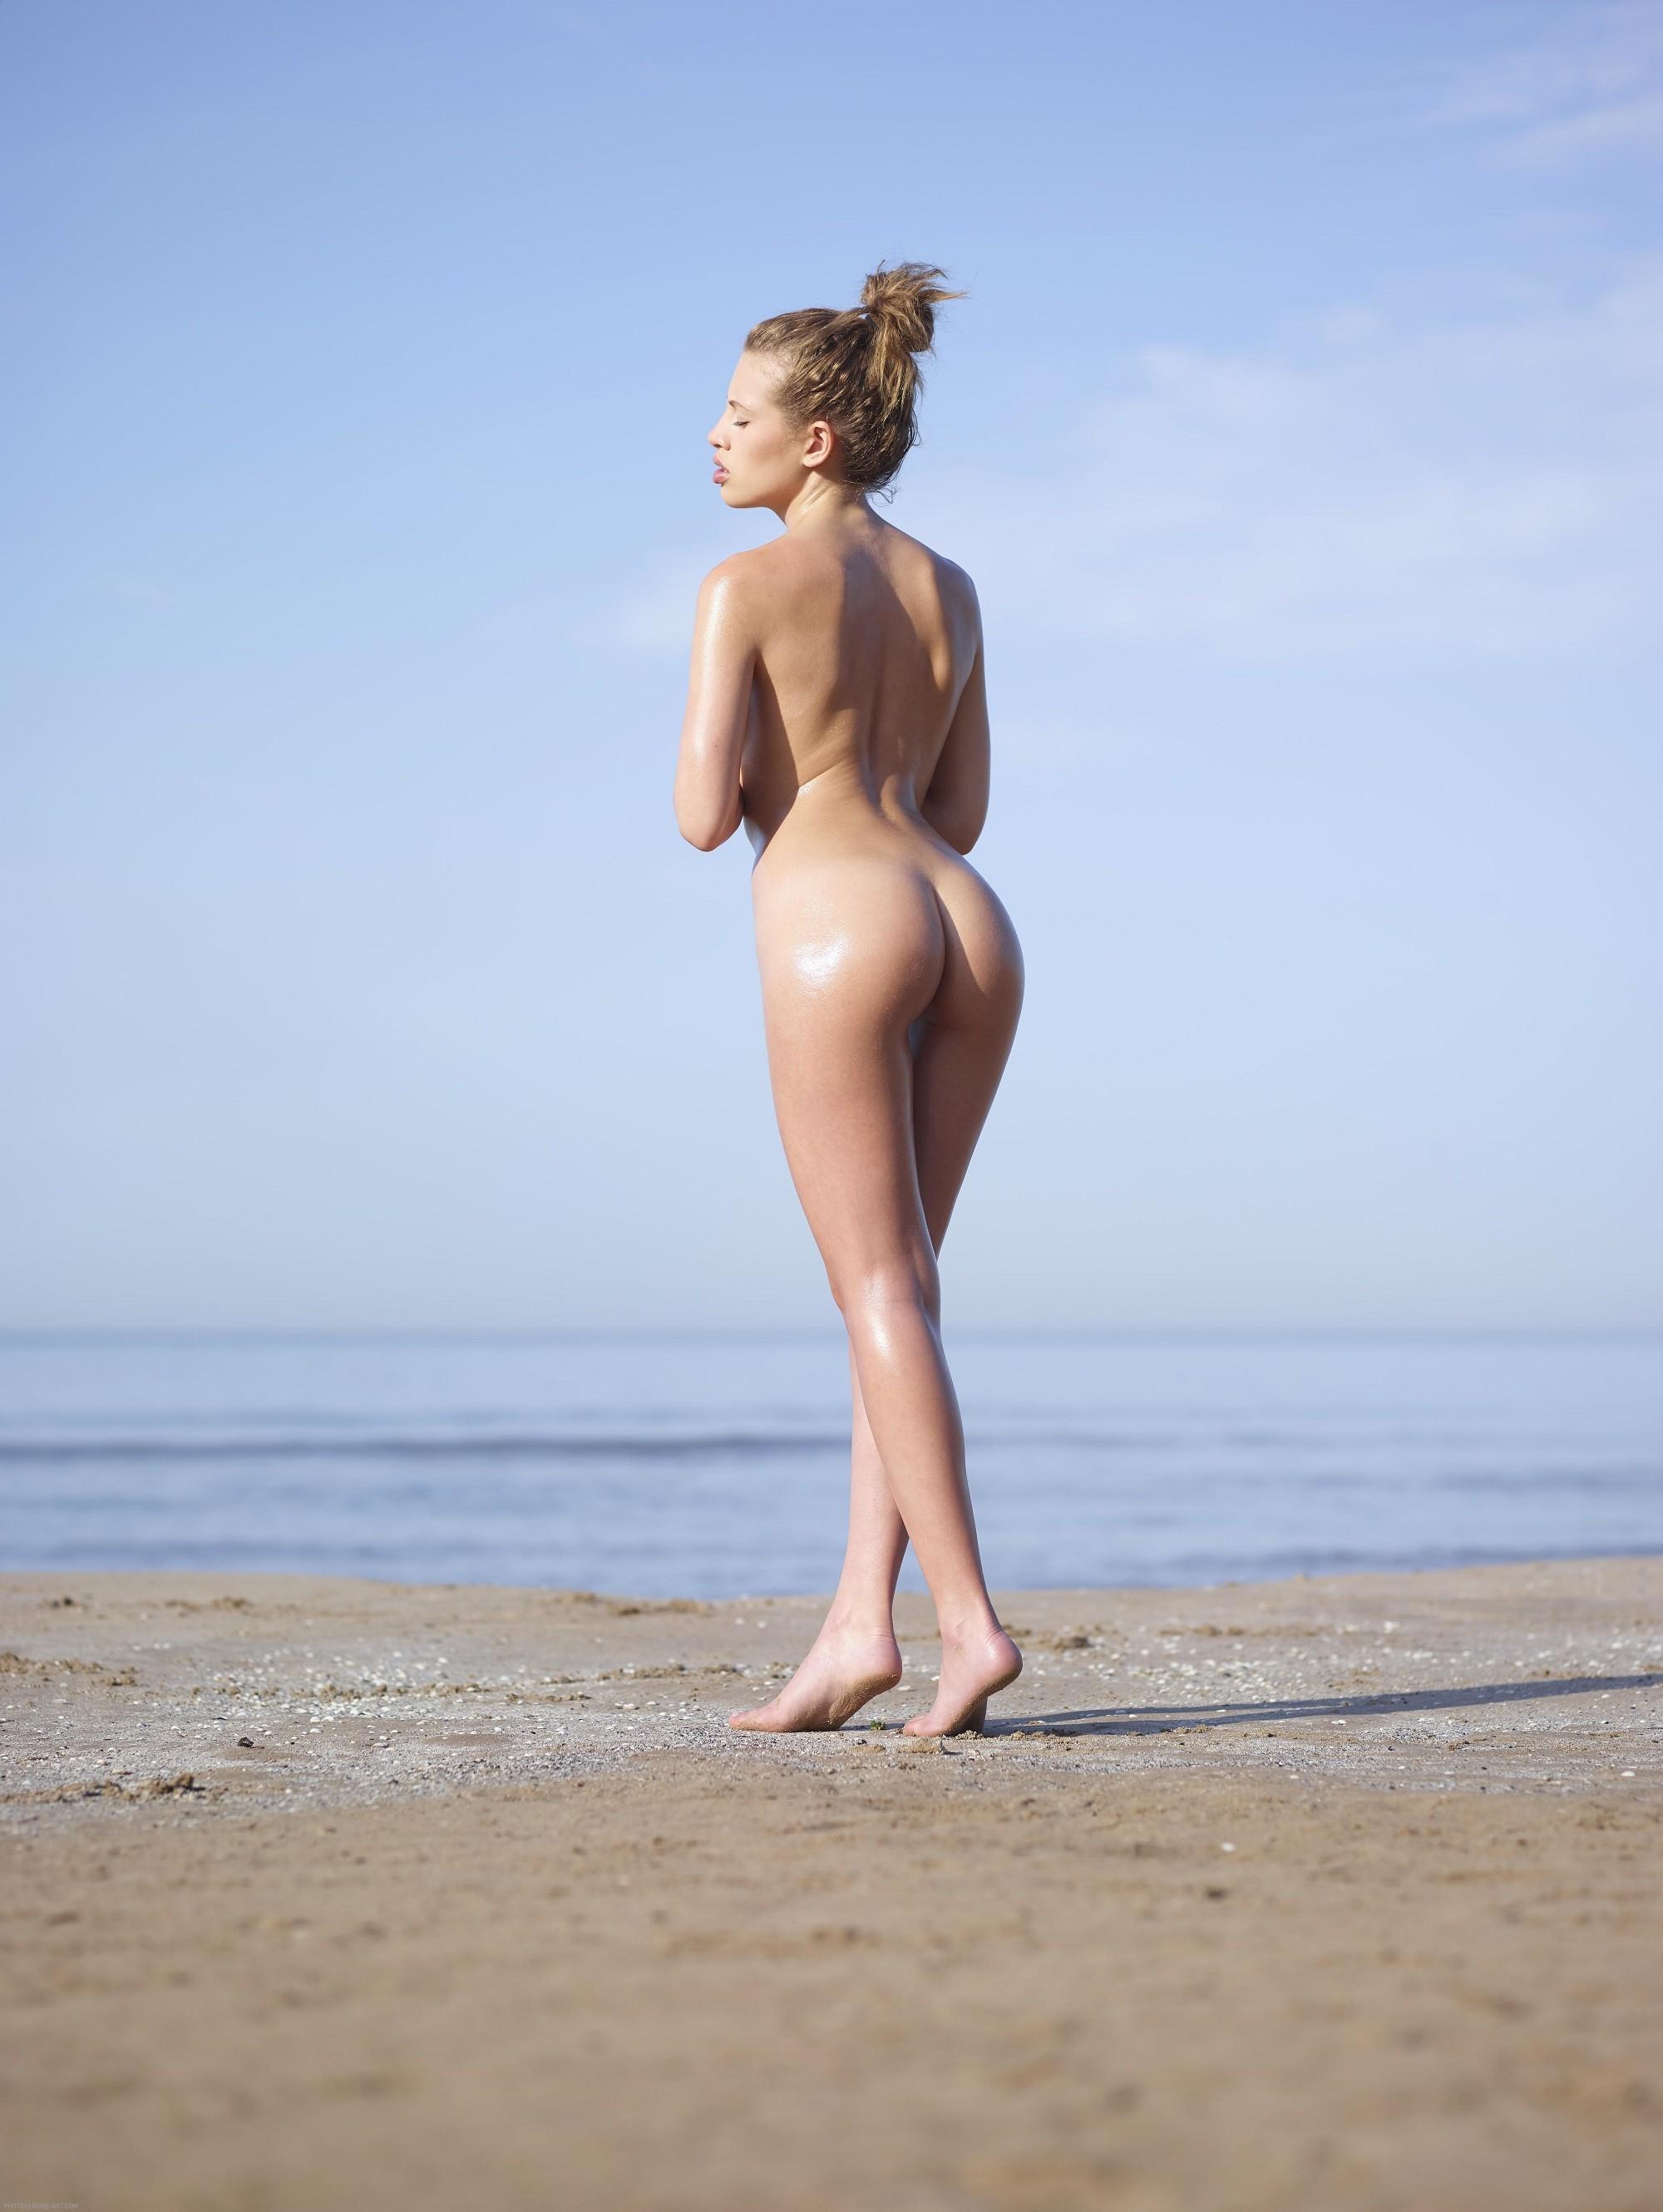 Влажная девушка показала жопу на пляже - фото